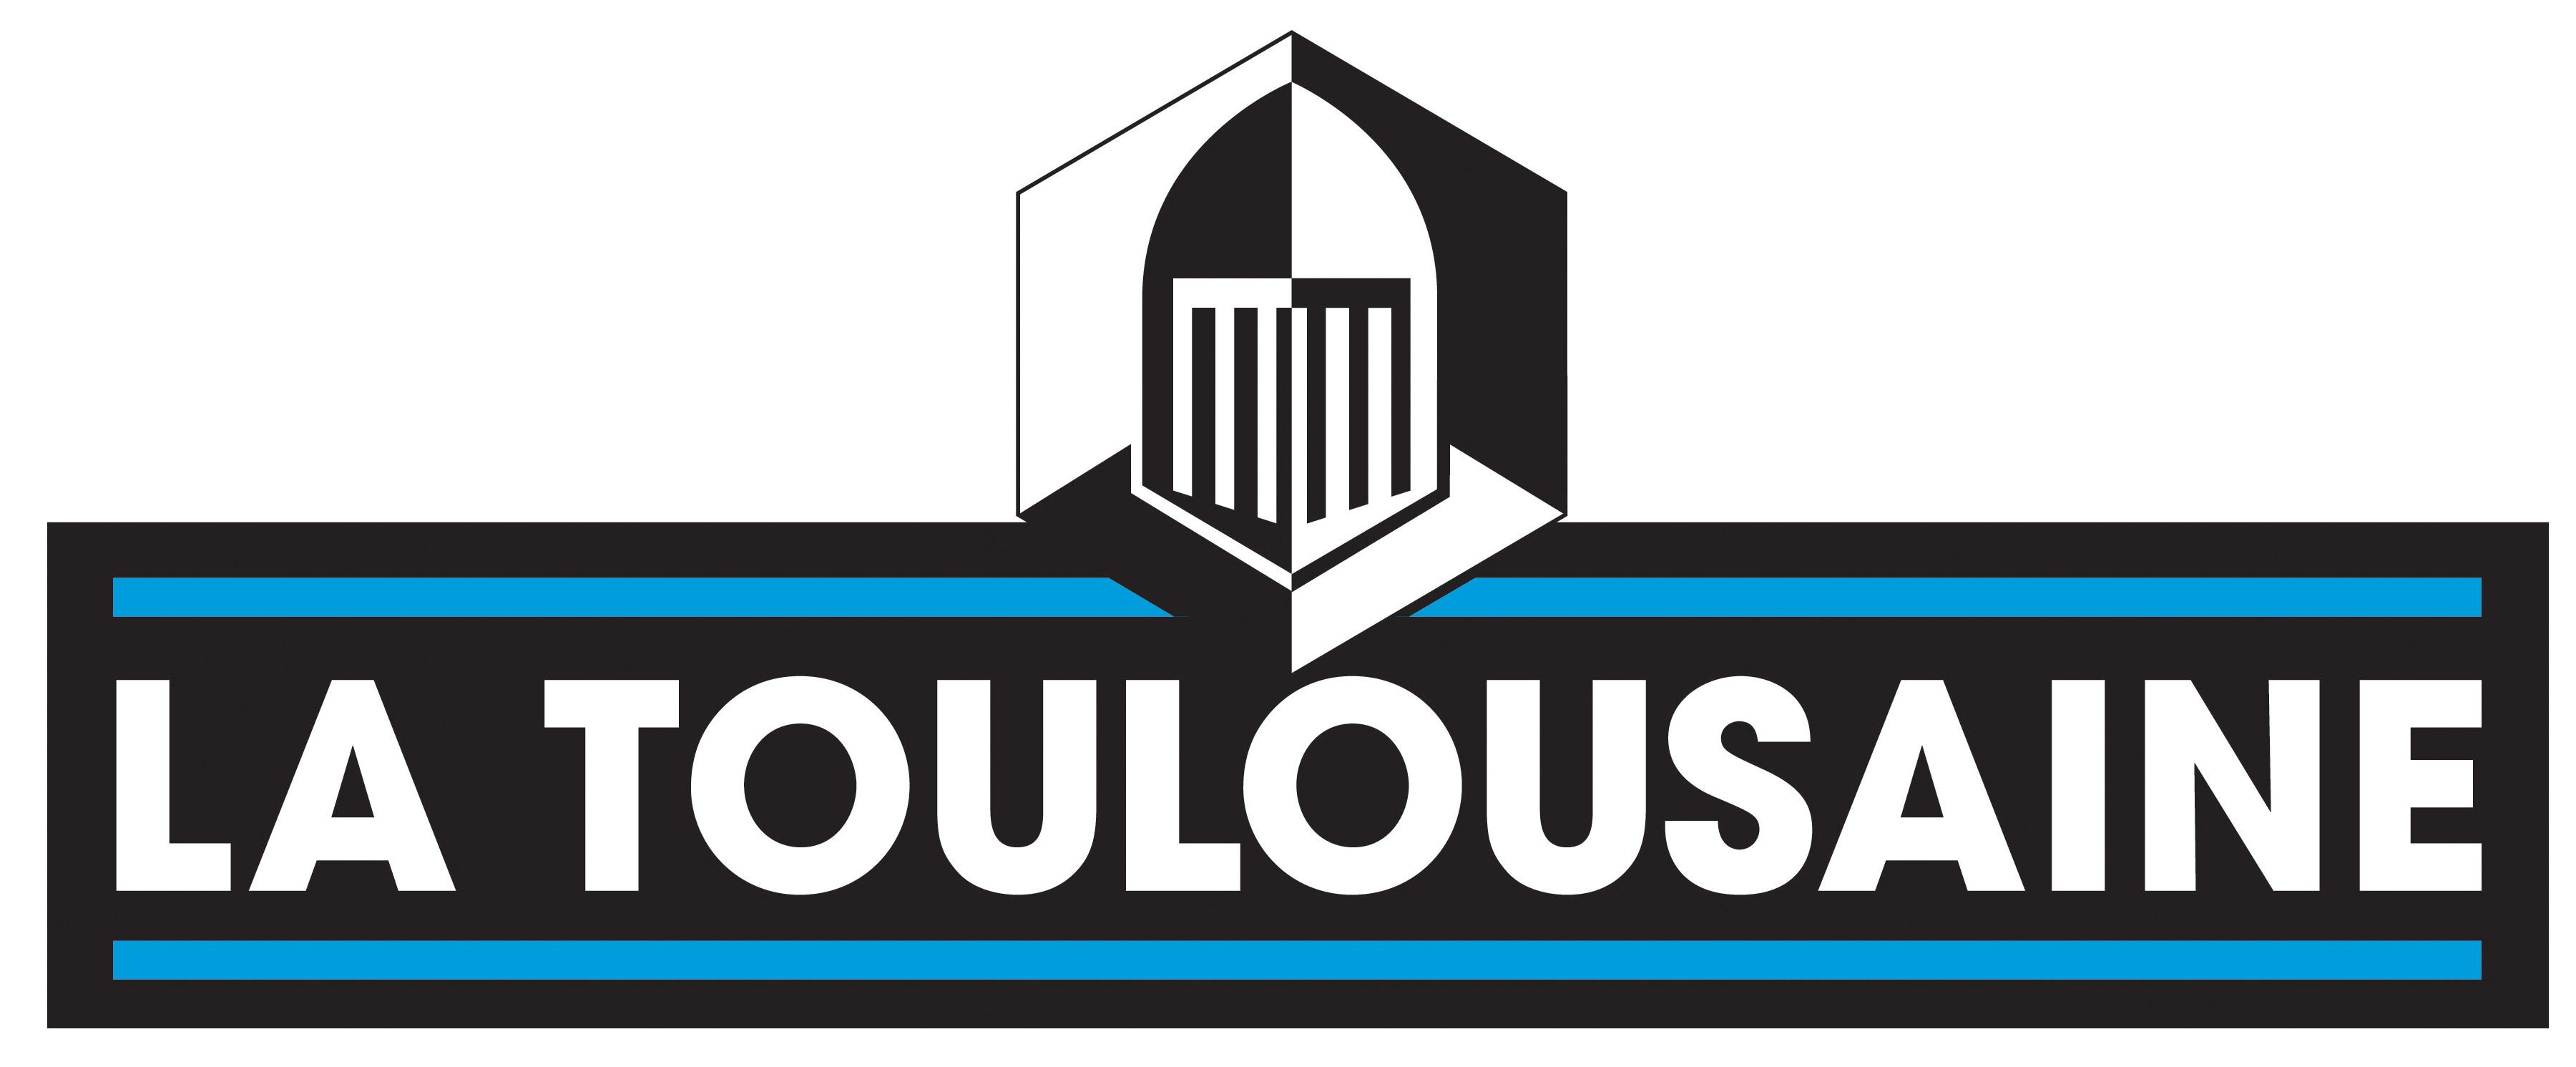 logo-la-toulousaine-jpg-31_logo-la-toulousaine-hd